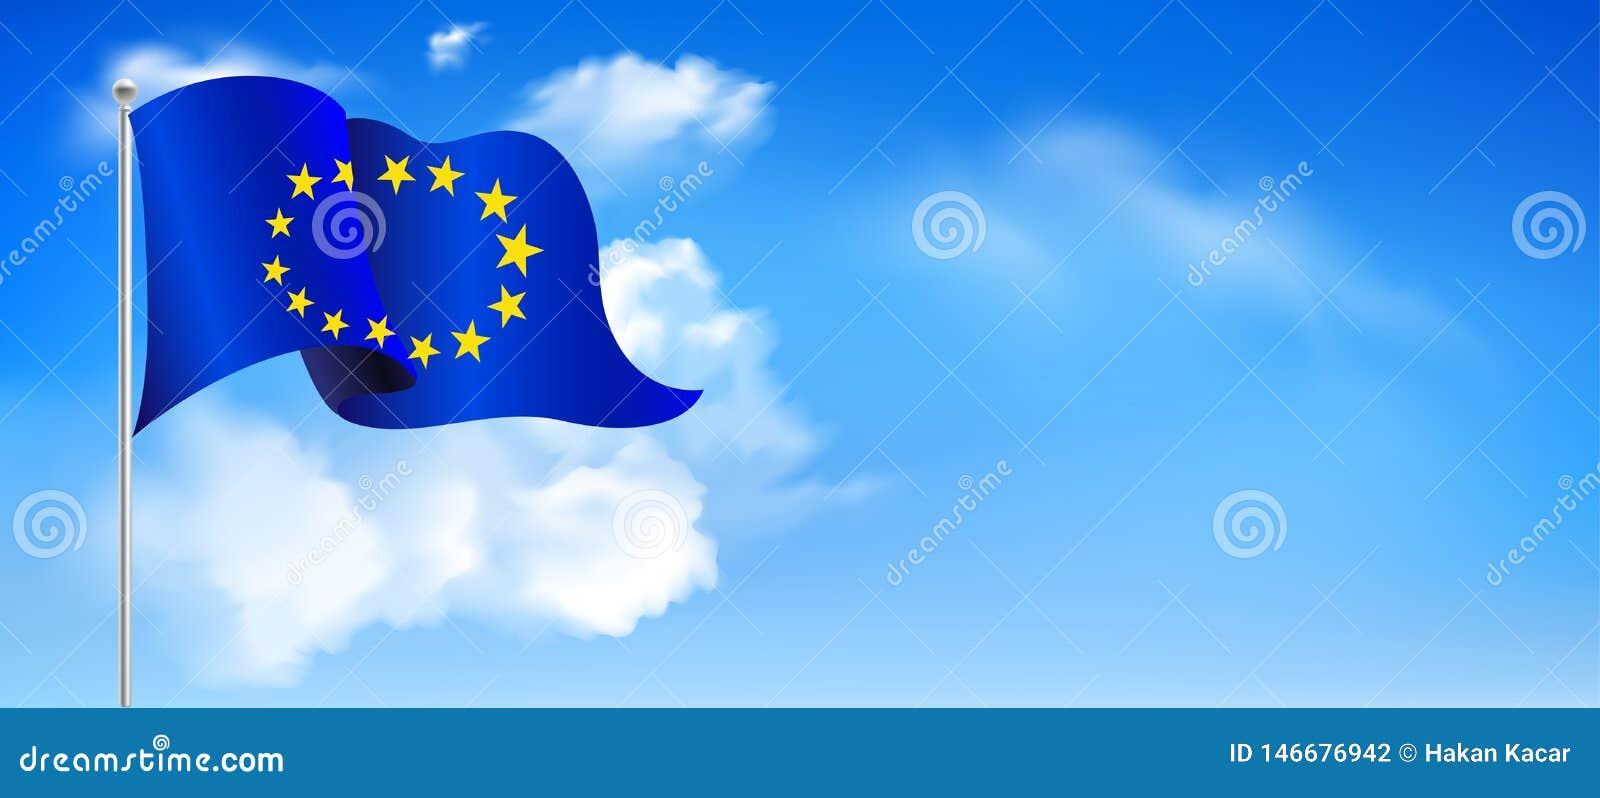 Dia de Europa Feriado anual em maio